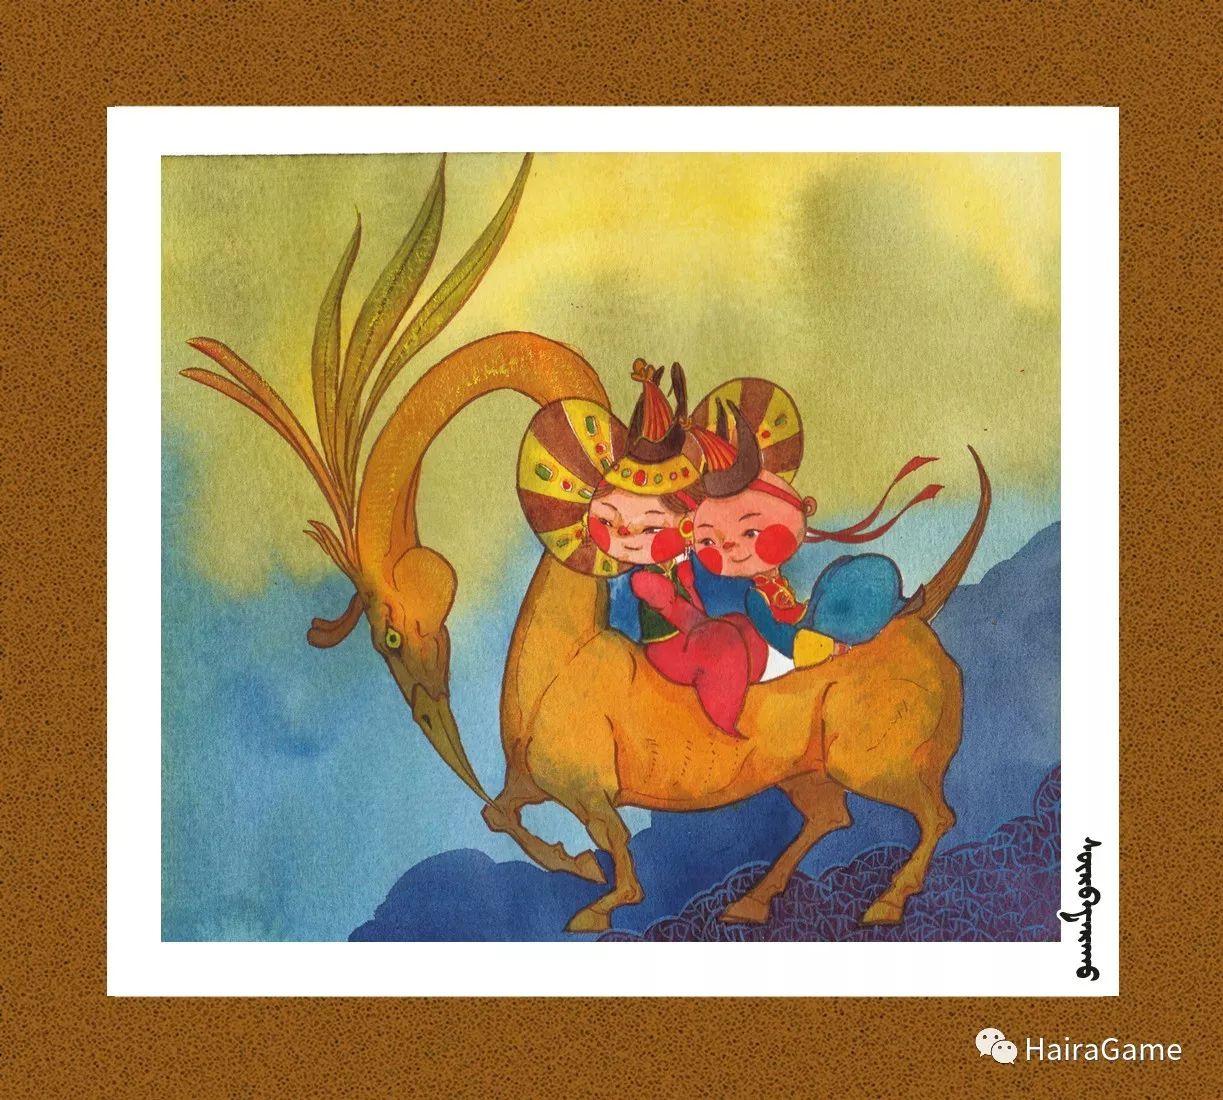 可爱的蒙古宝贝2:诺敏和清赫尔· Surbadarah(原创插画) 第1张